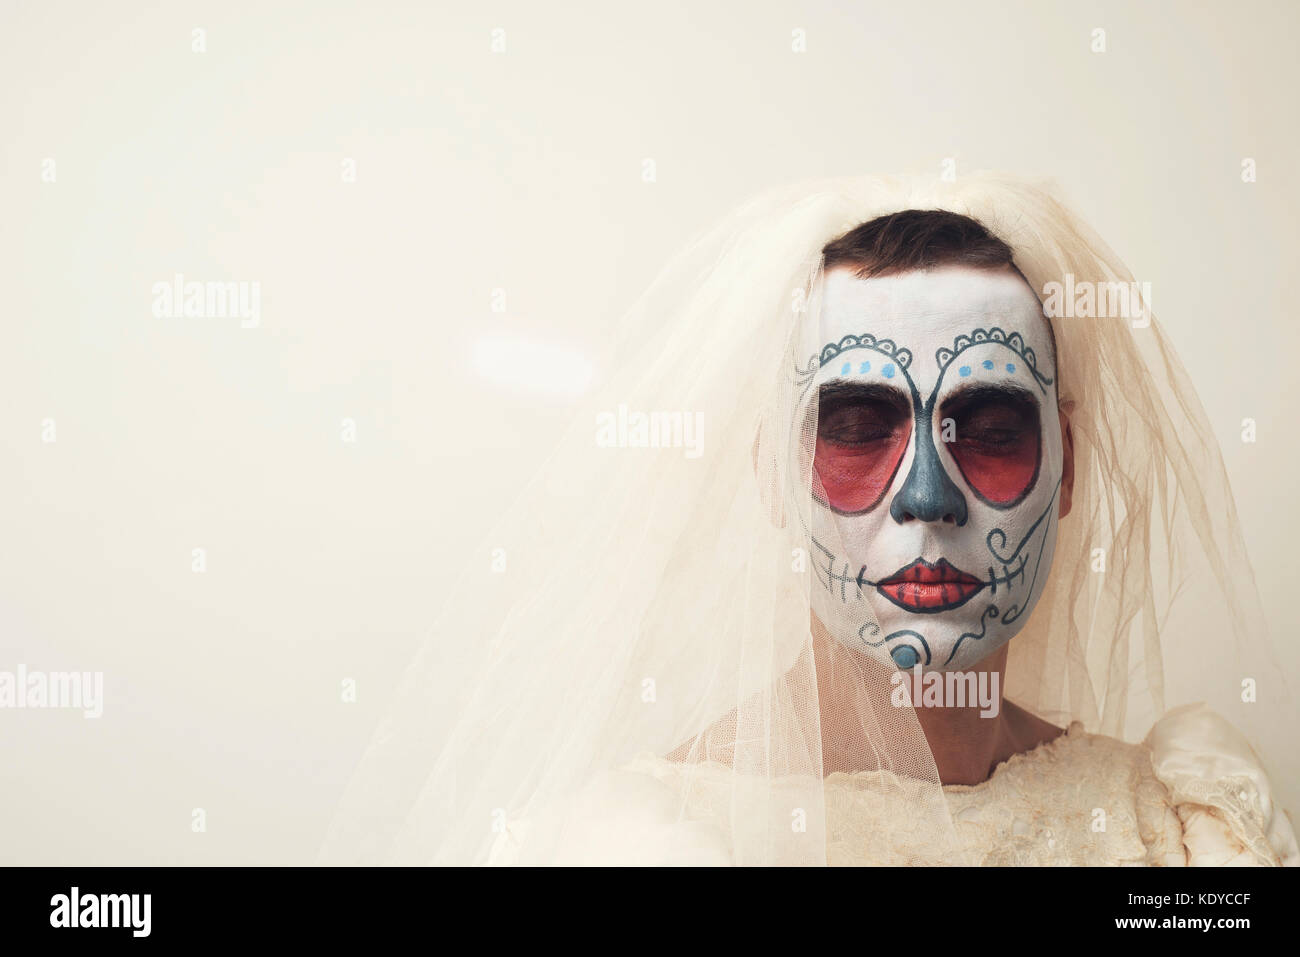 Primer plano de una persona con el pelo corto en una novia con un maquillaje  calaveras mexicanas 08022f118ca